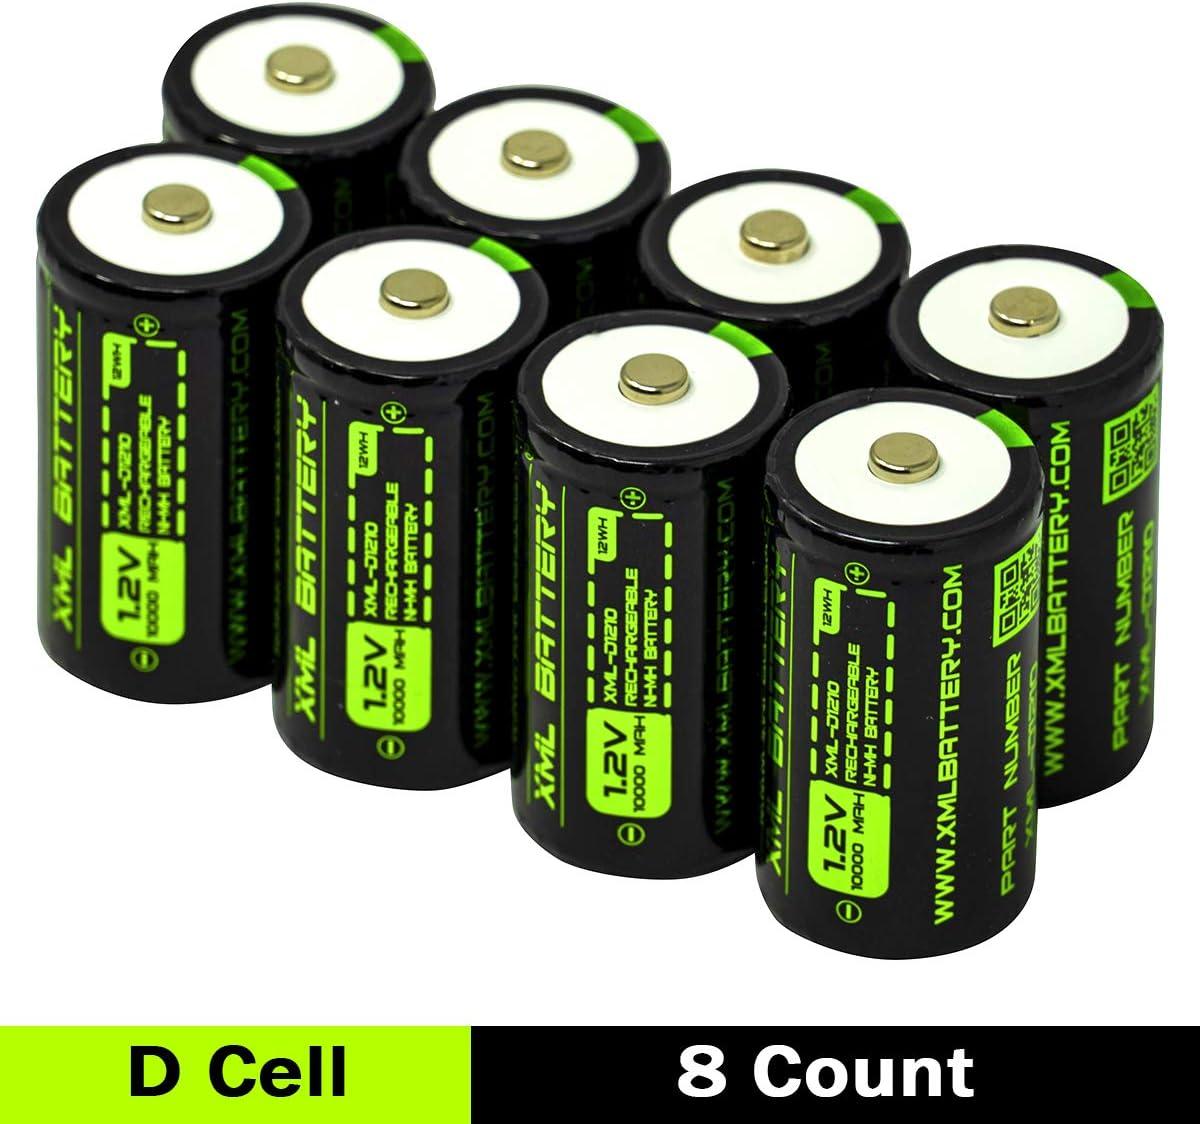 未使用品 8 Pack XML 高級 Battery 1.2v Ni-MH 10000mAh Rechargeabl AA Hi-Drain